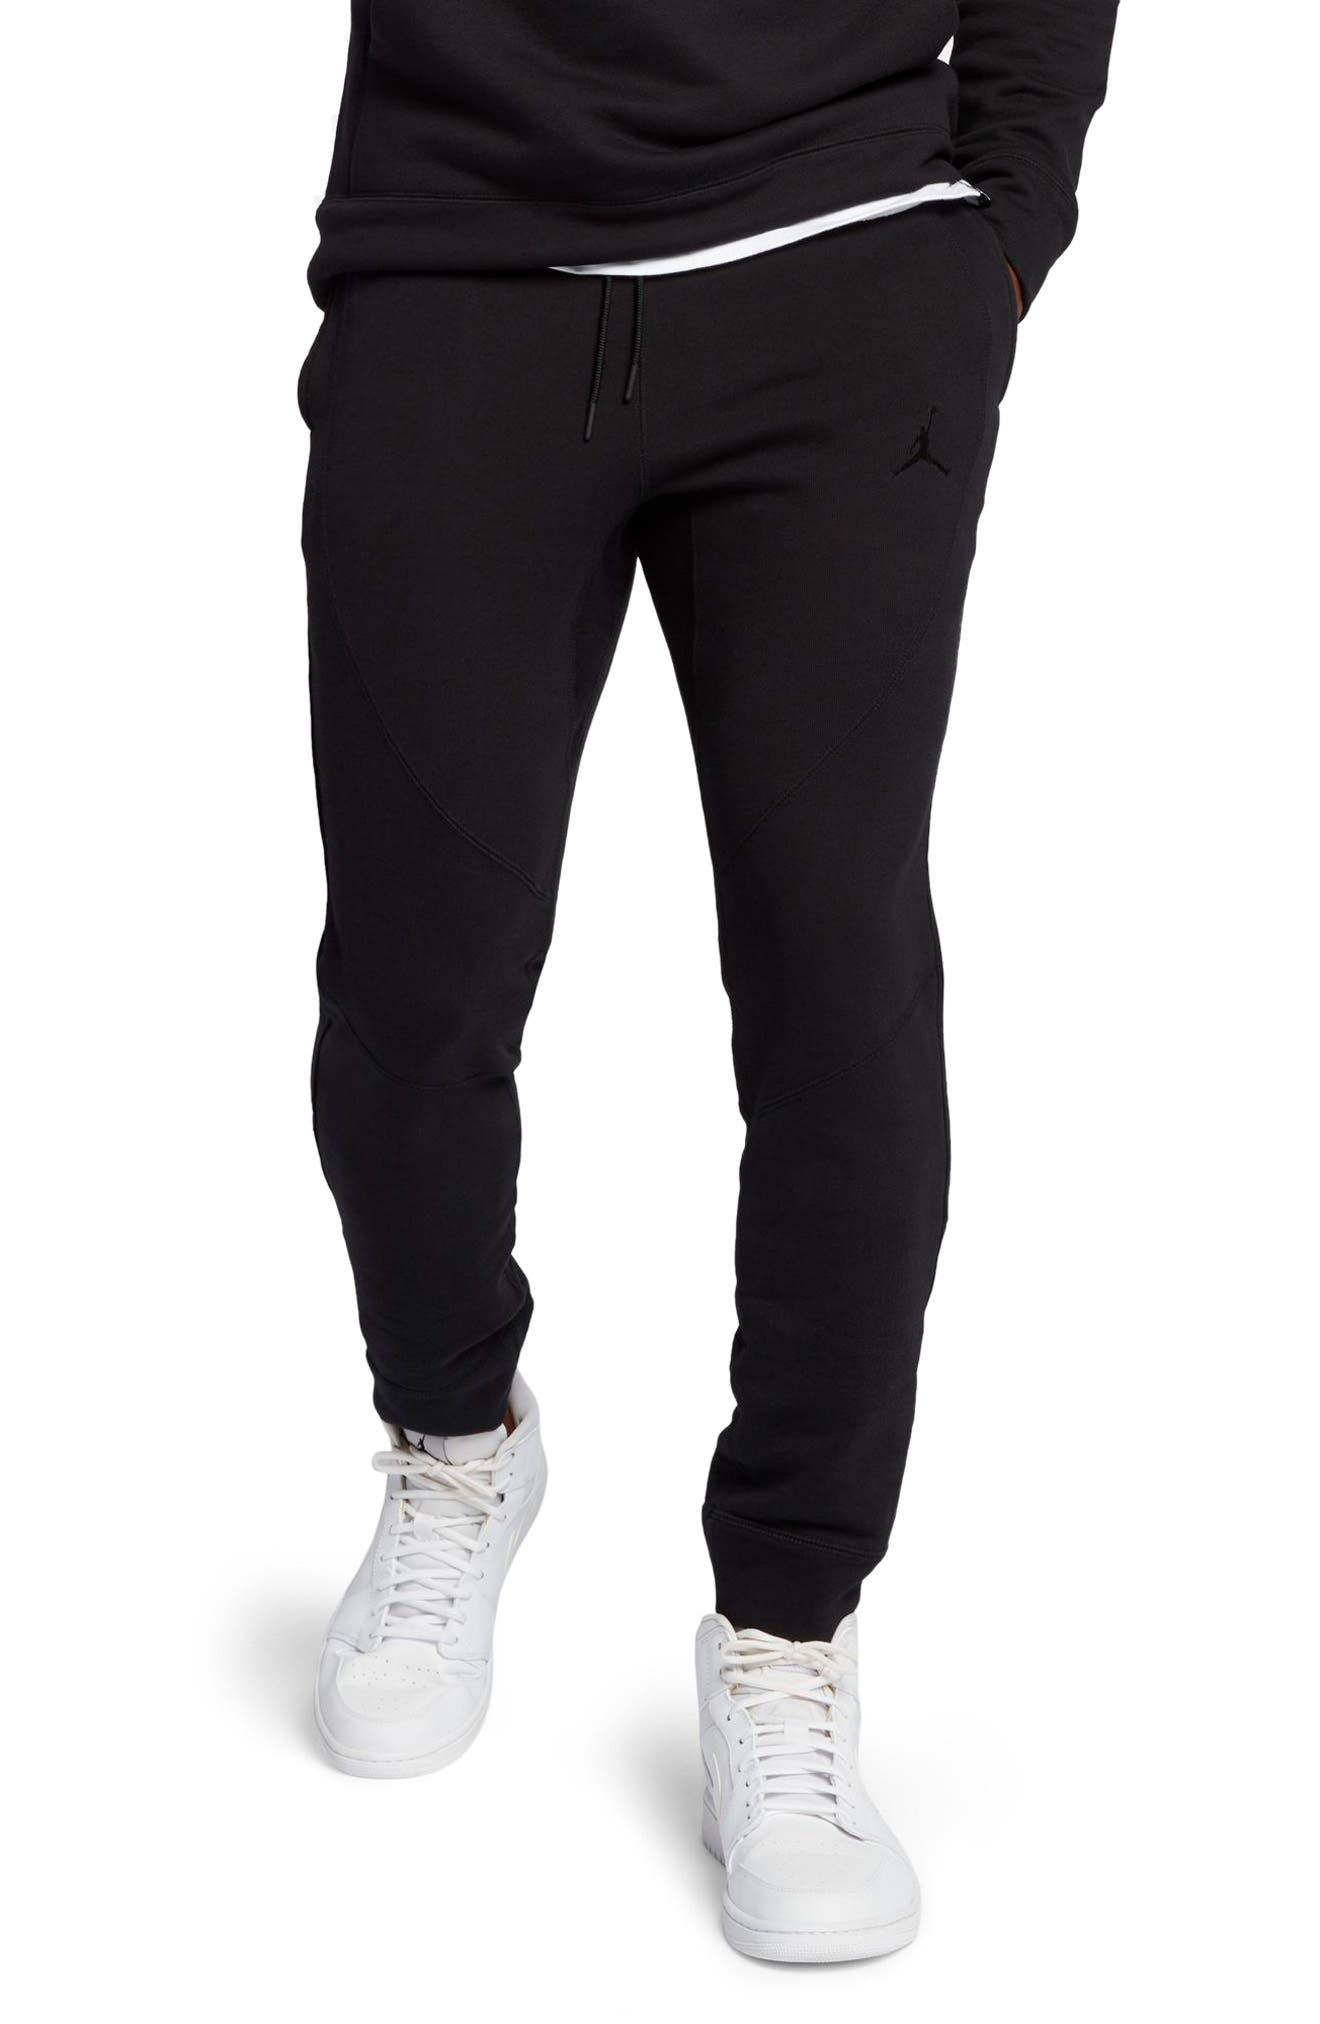 Wings Fleece Pants,                             Main thumbnail 1, color,                             Black/ Black